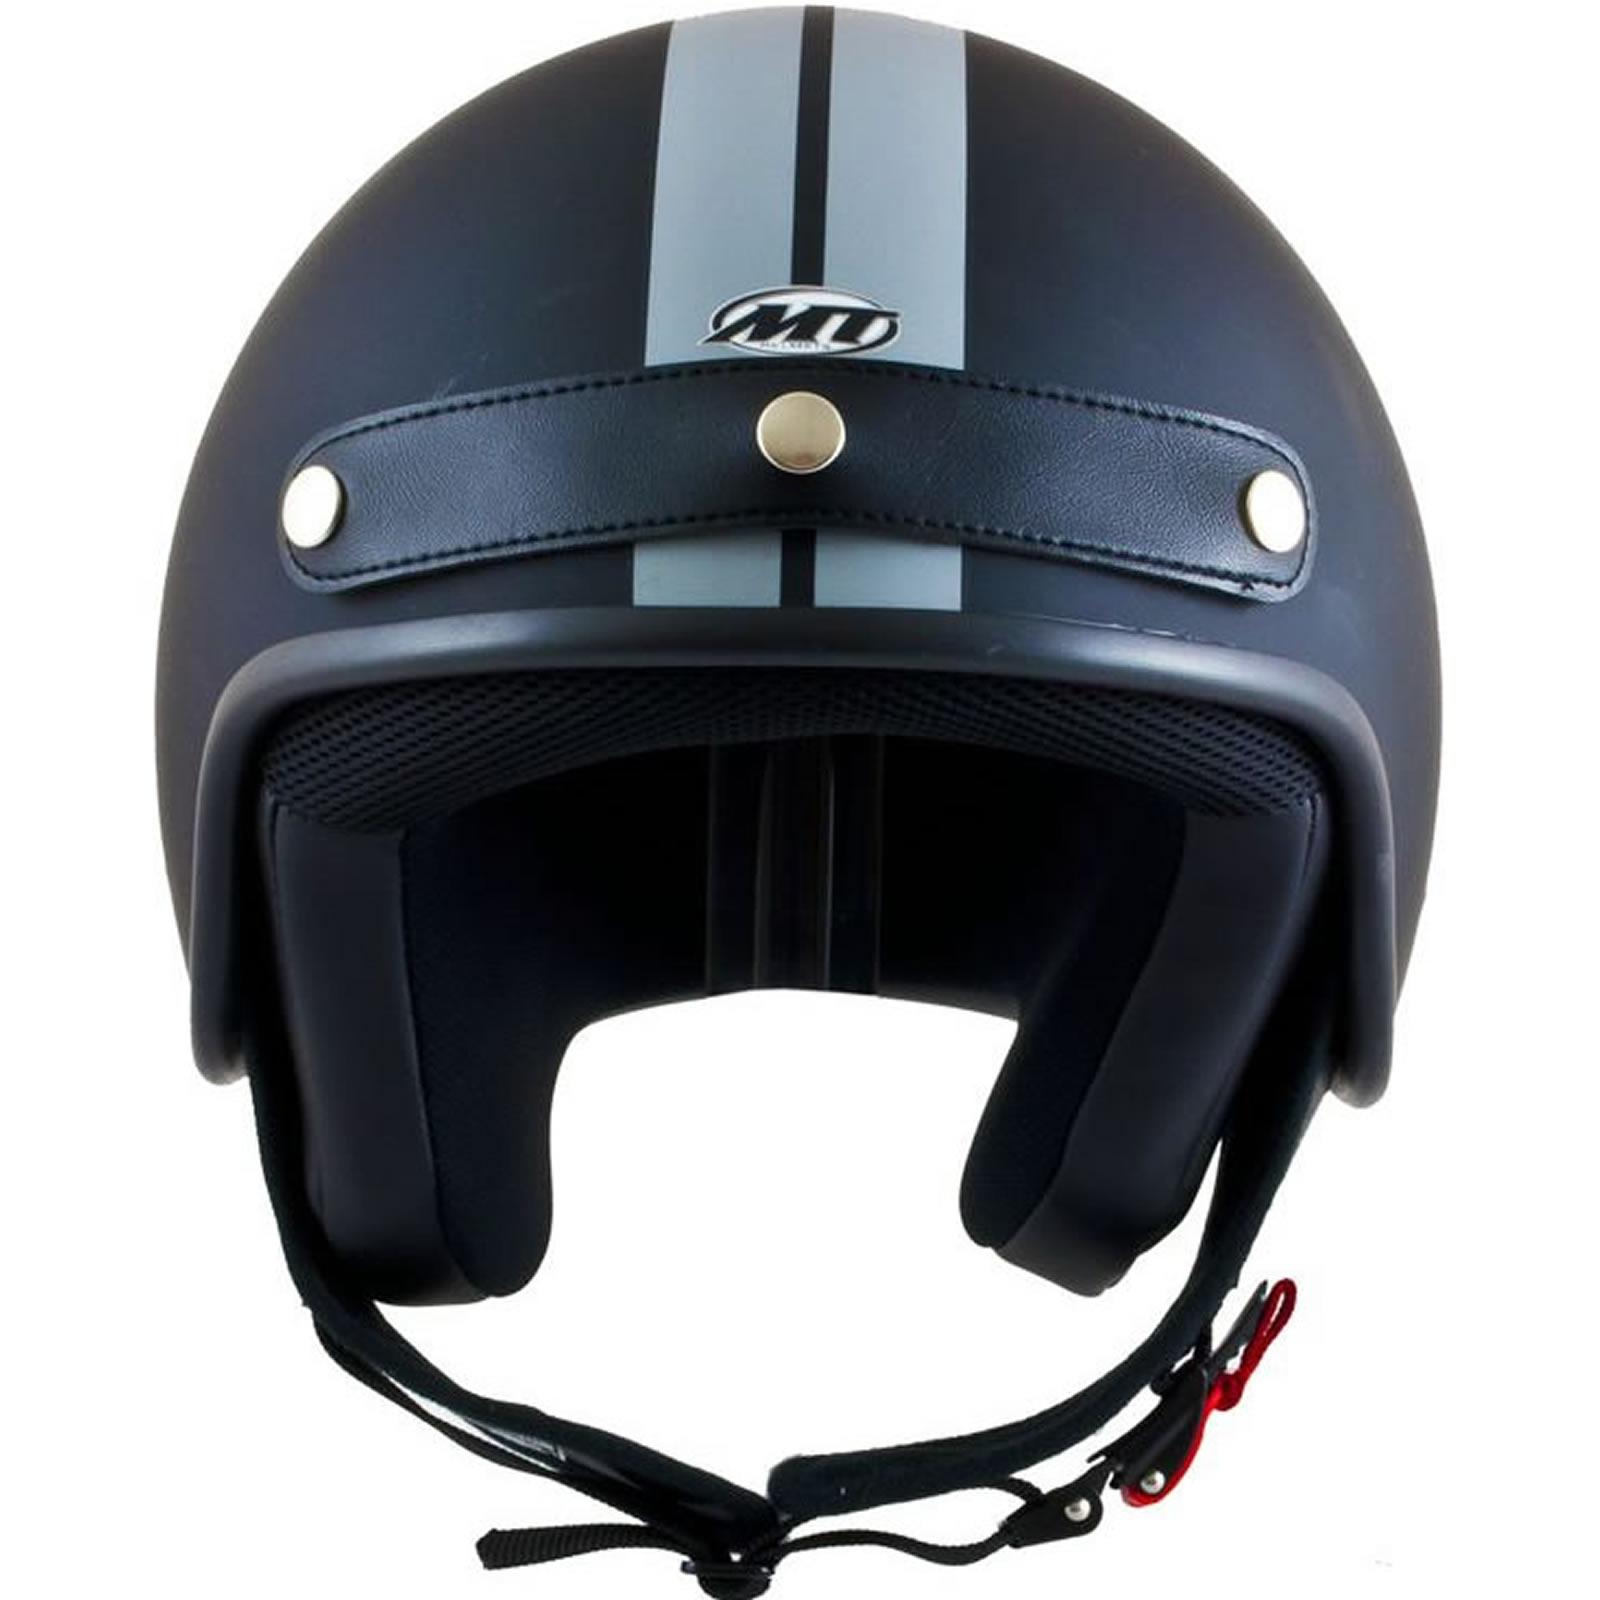 Carbon Fiber Motorcycle Helmet >> Motorcycle Helmet Front View | www.imgkid.com - The Image Kid Has It!